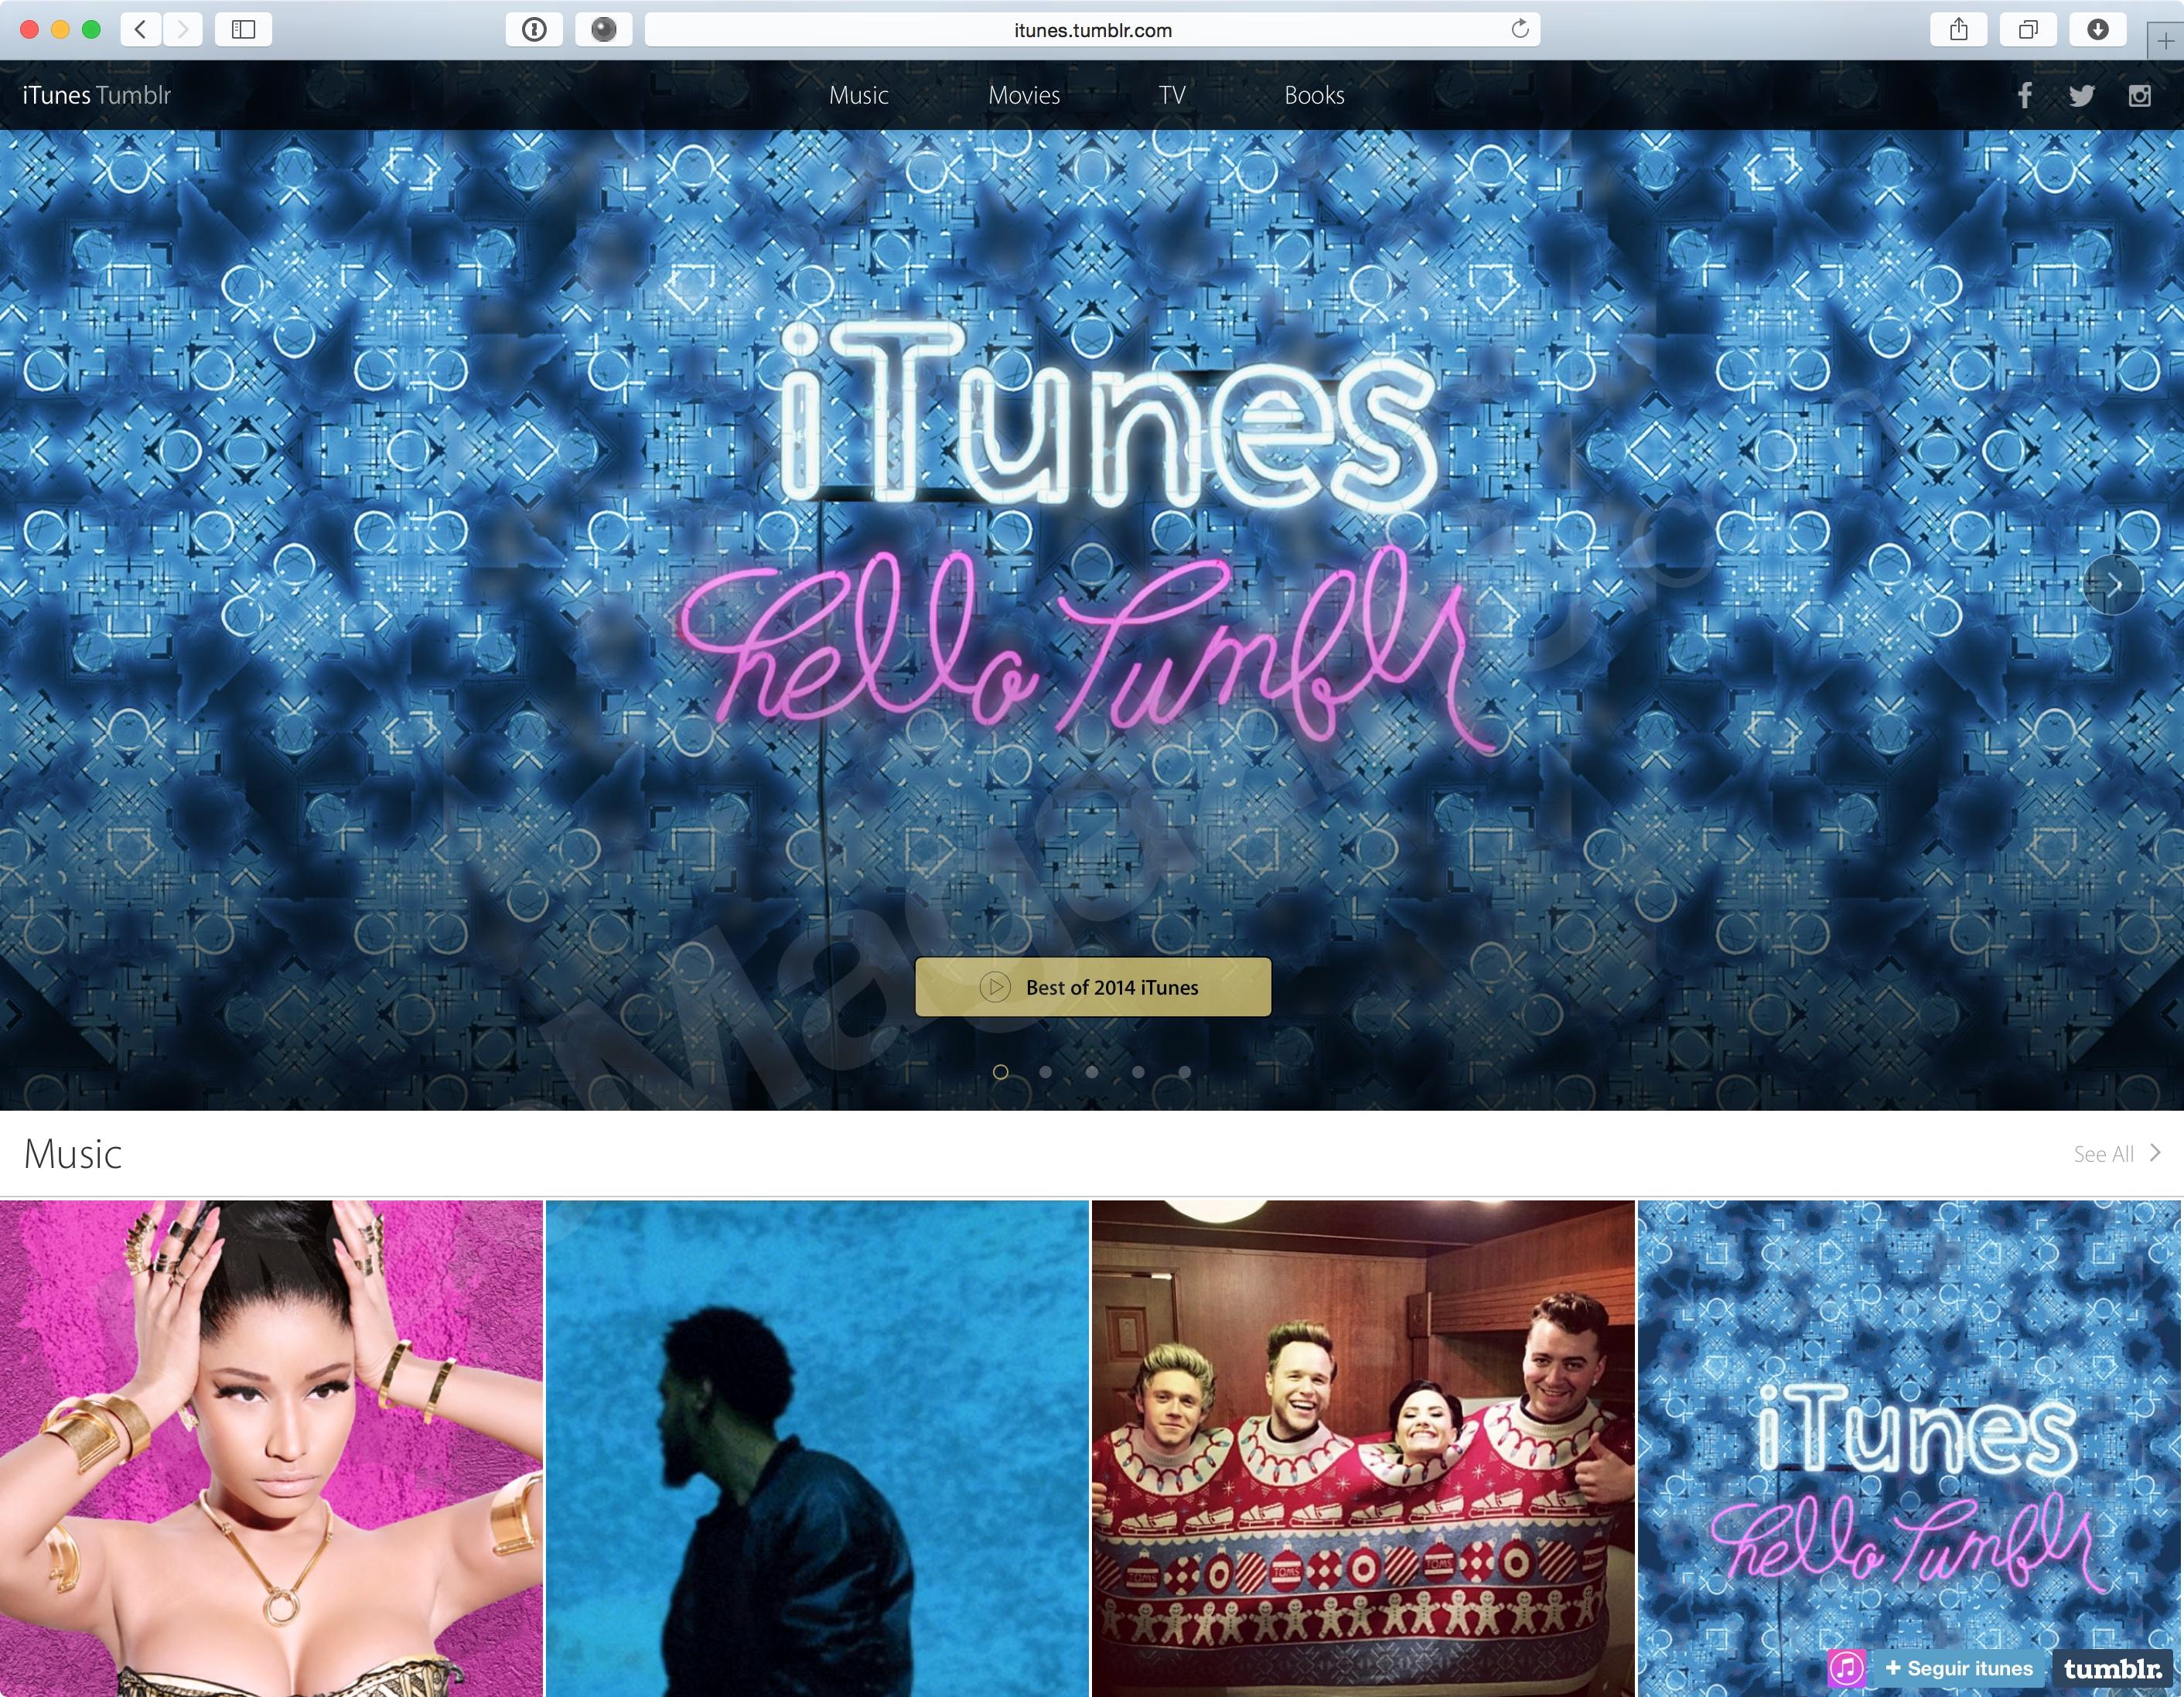 Página do iTunes no Tumblr